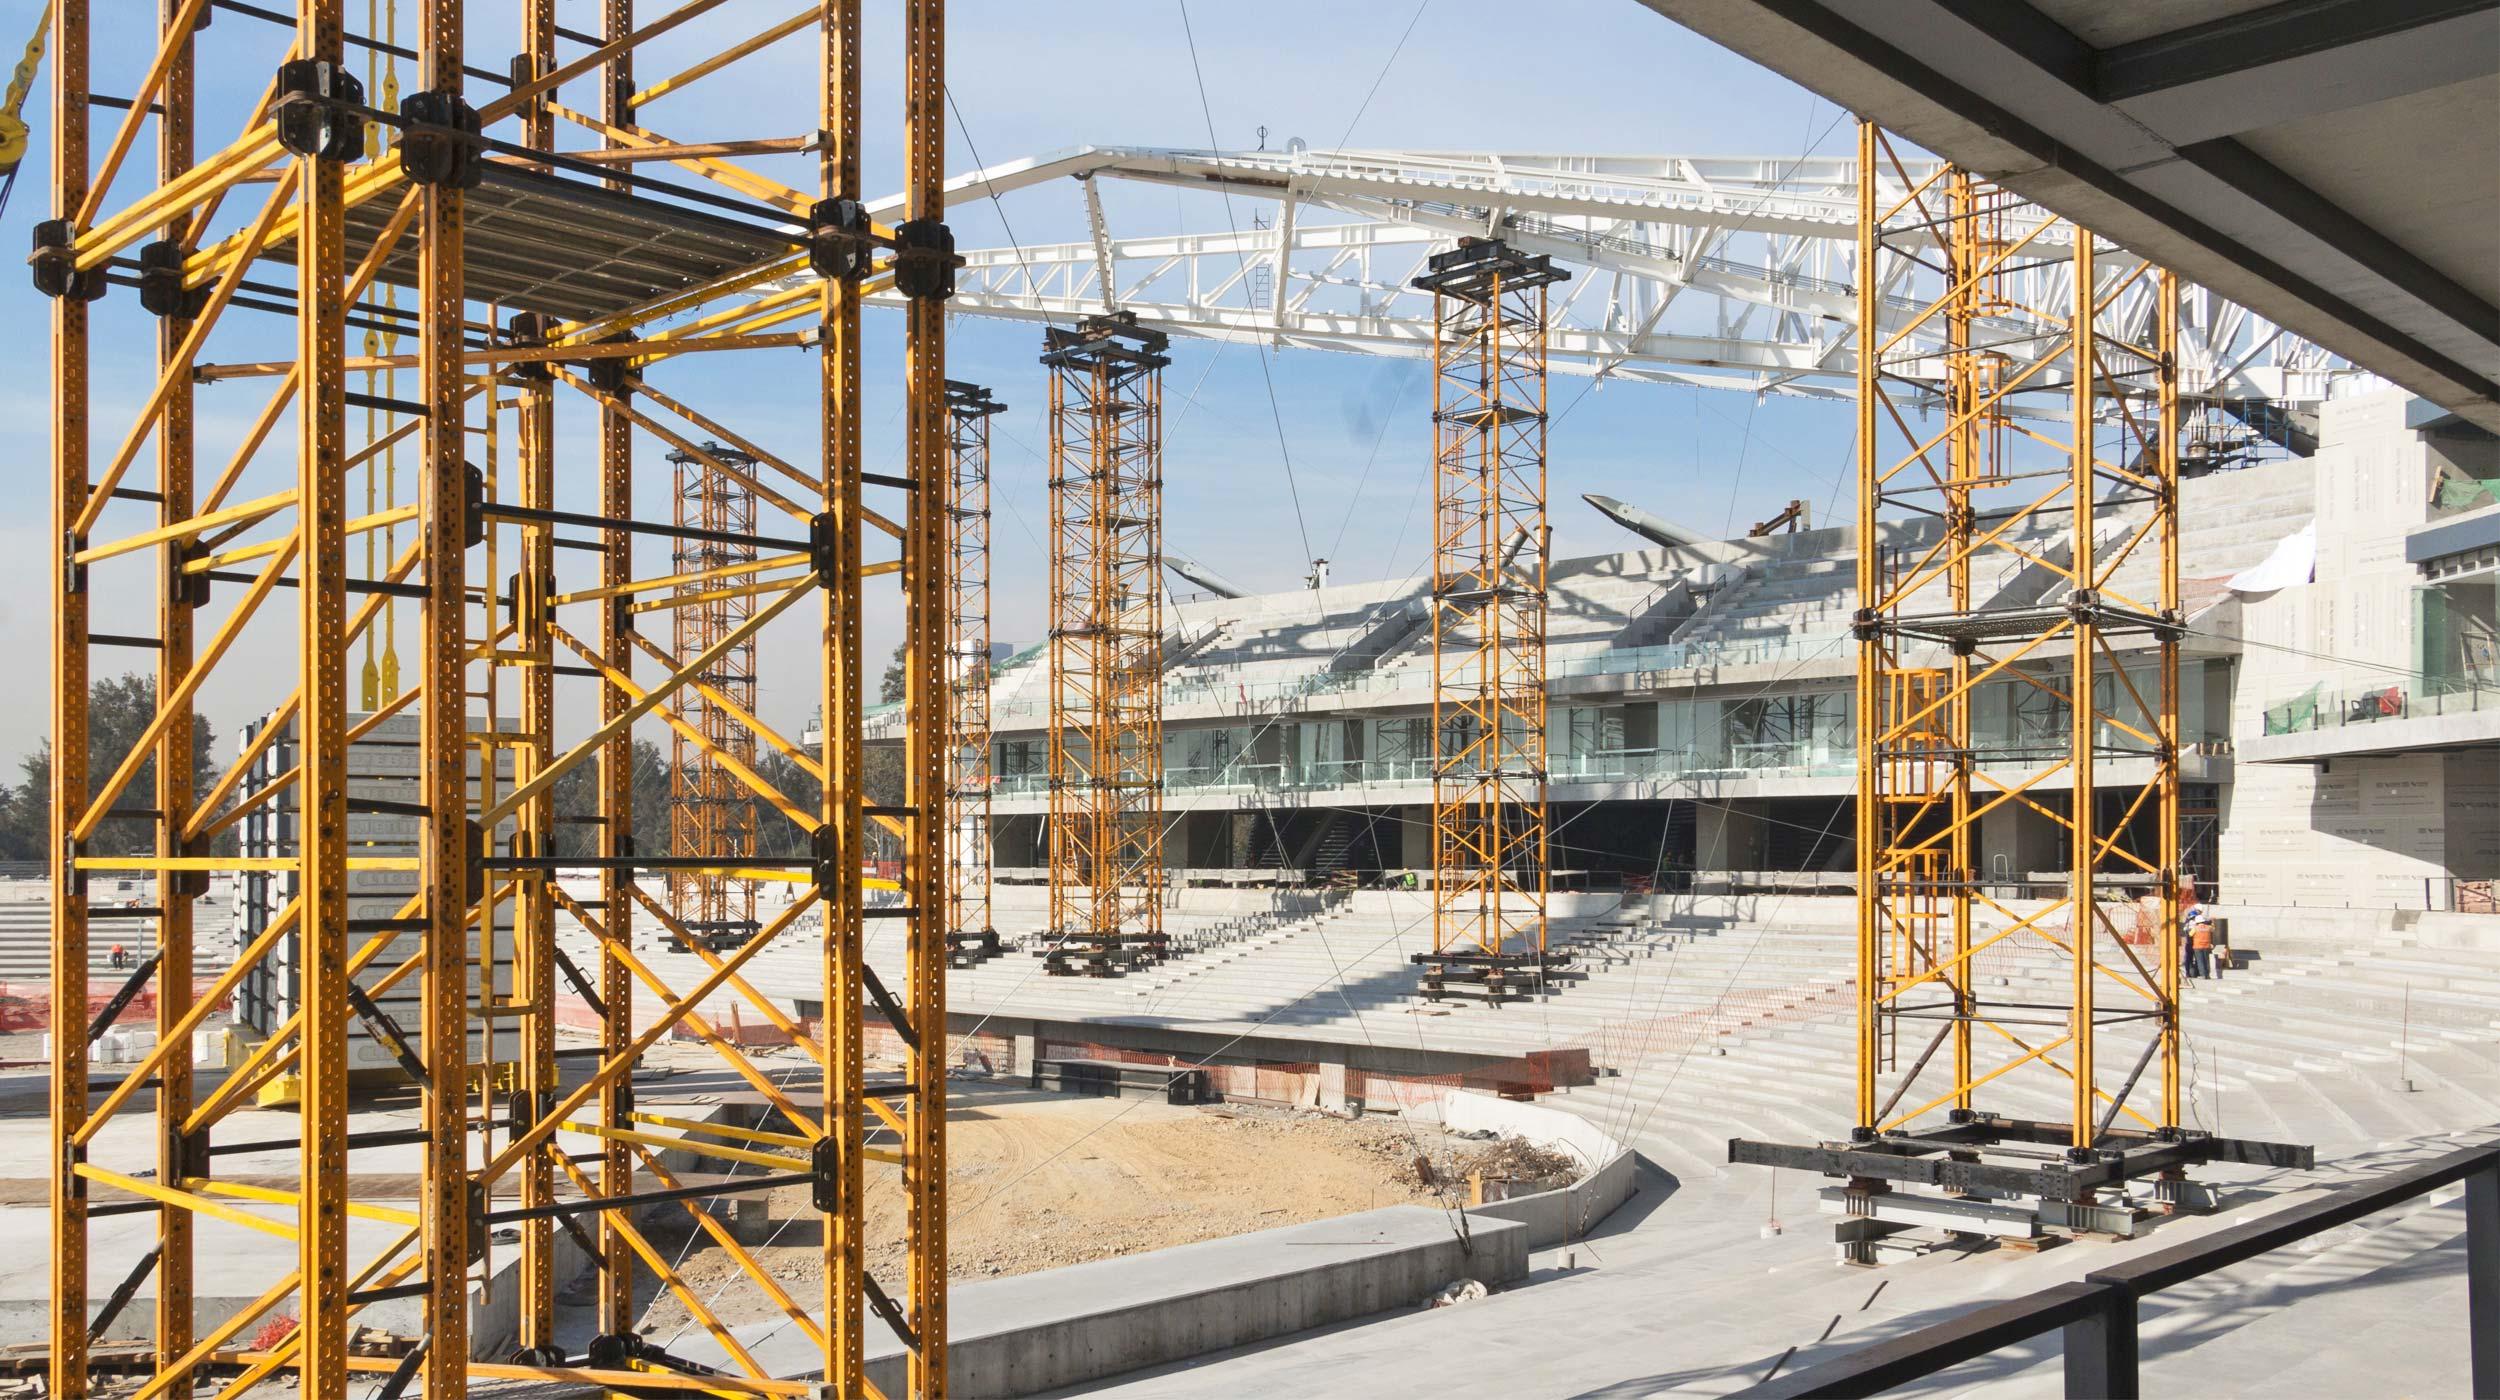 ULMA wzięła udział w budowie Stadionu im. Alfredo Harp Helu w Meksyku, który będzie siedzibą meksykańskiej drużyny bejsbolu - Diablos Rojos.